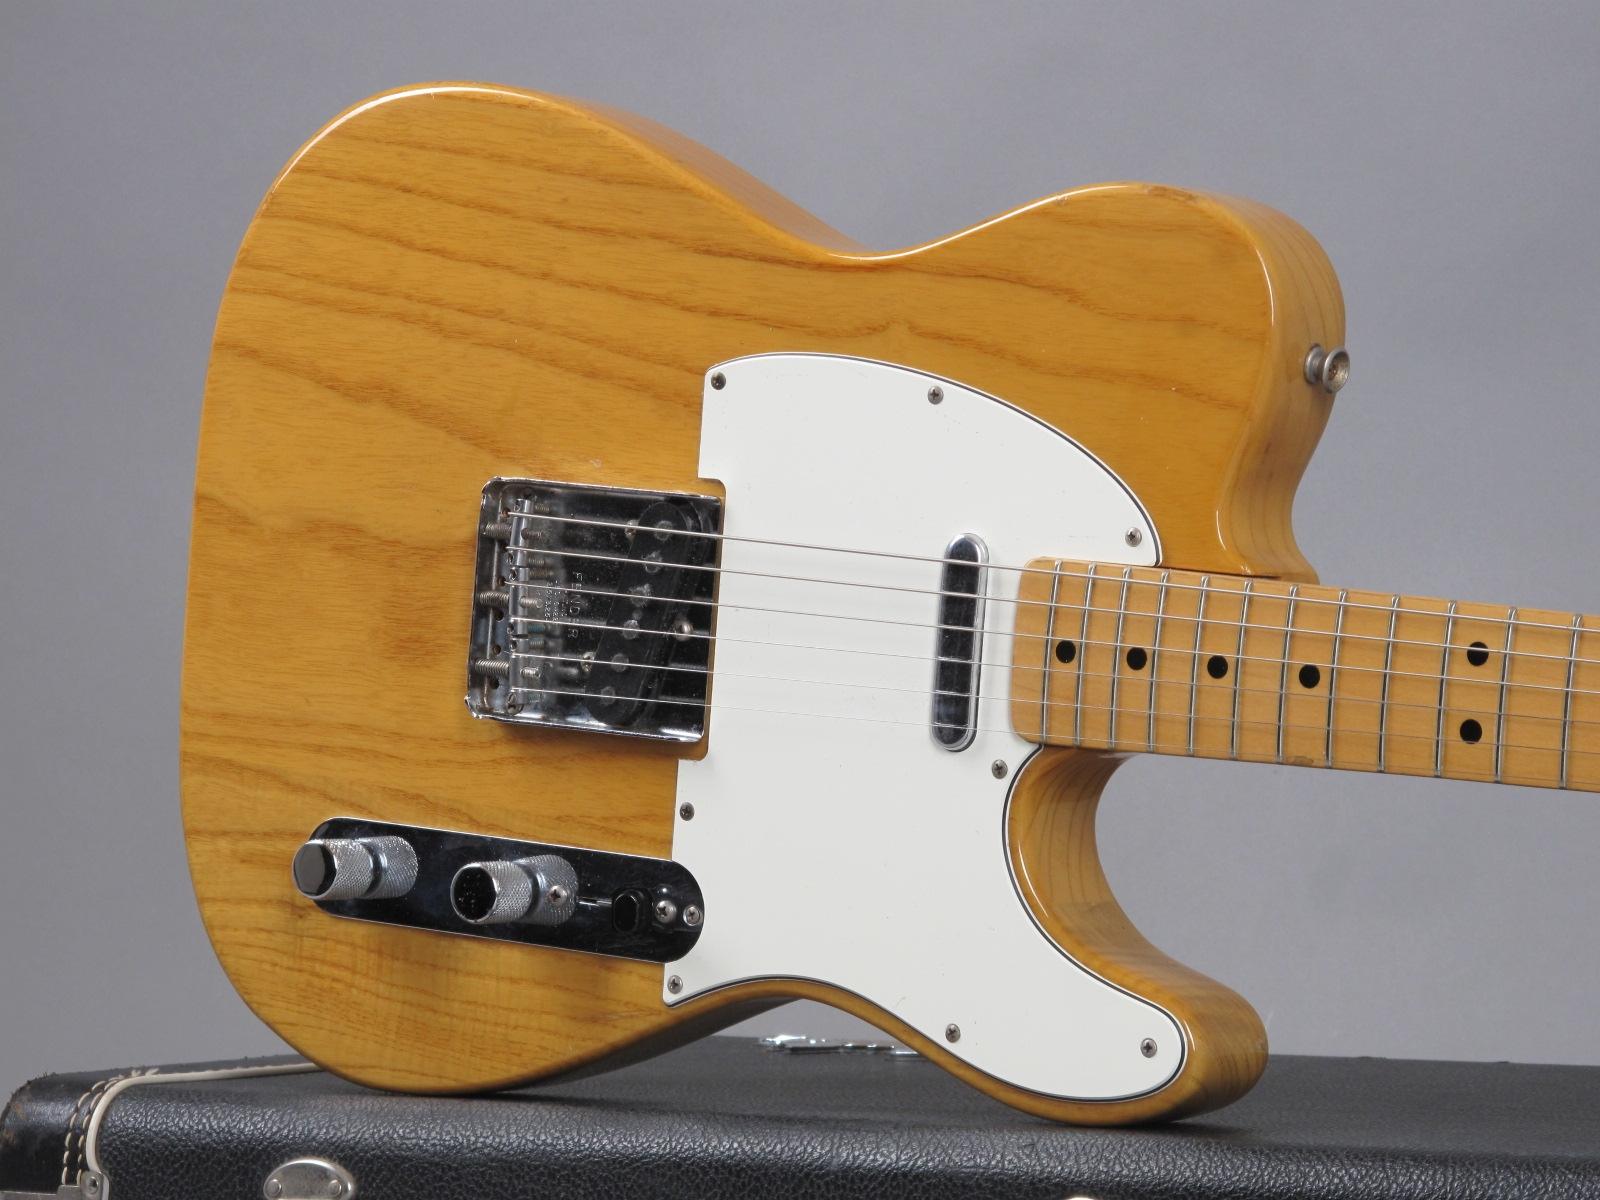 https://guitarpoint.de/app/uploads/products/1974-fender-telecaster-natural-3/1974-Fender-Telecaster-Natural-586737_19.jpg